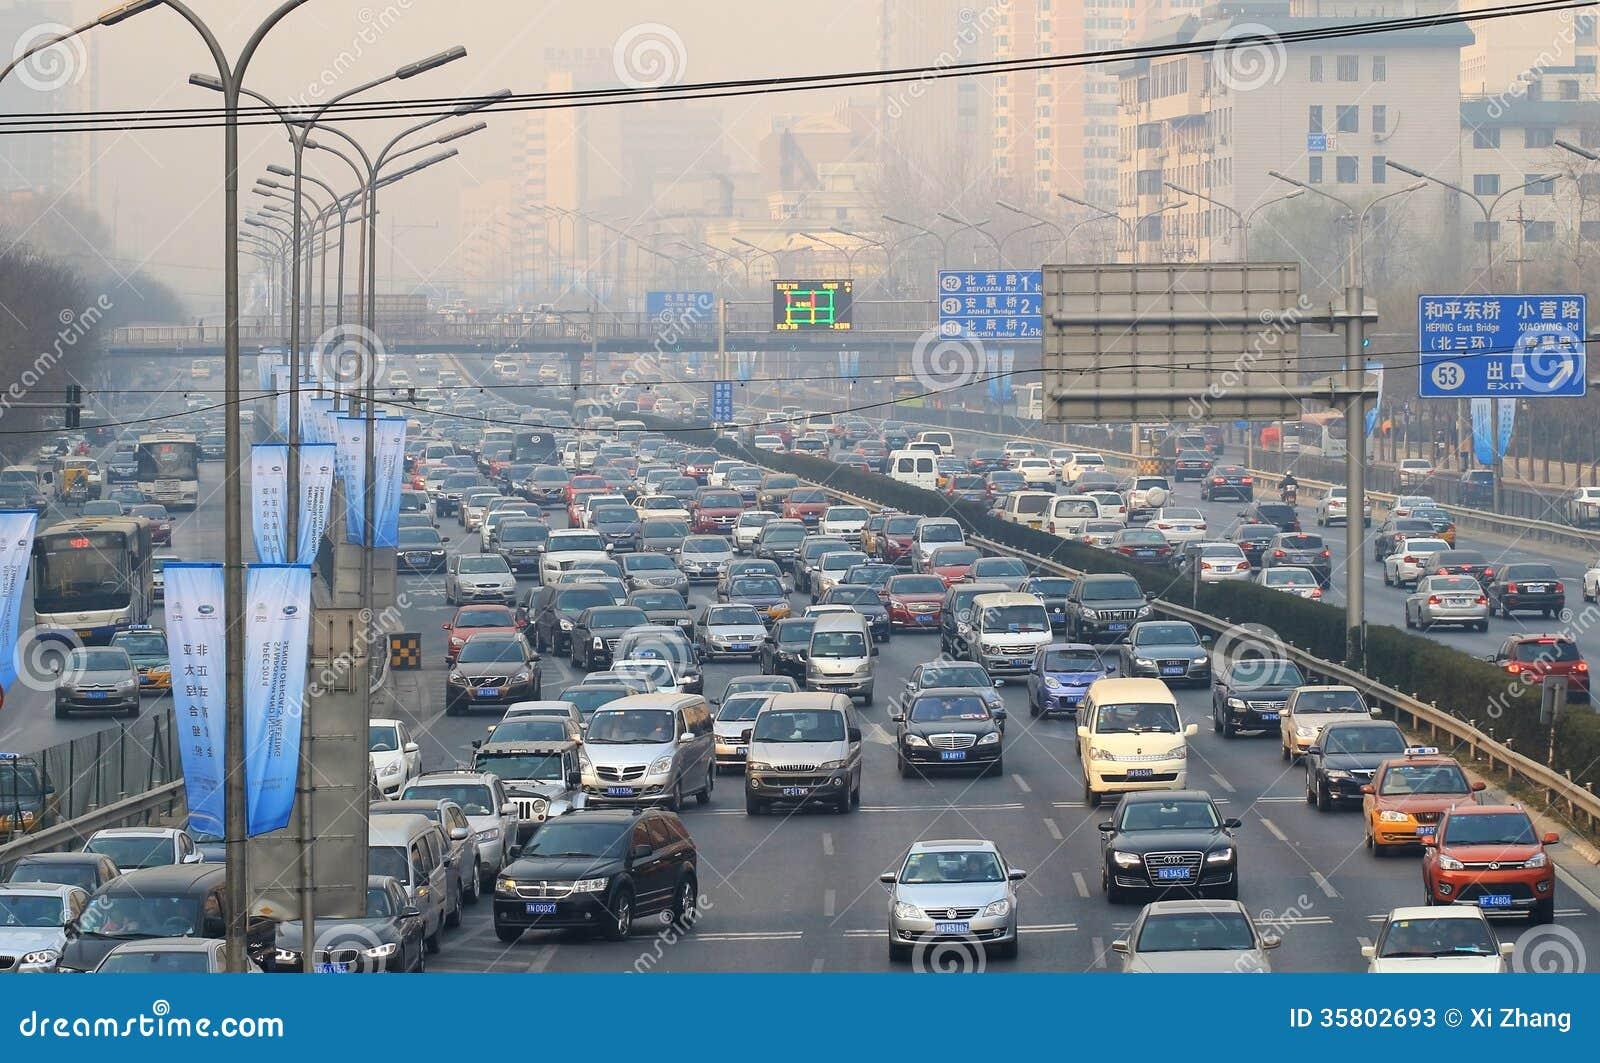 Stau- und Luftverschmutzung starken Verkehrs Pekings